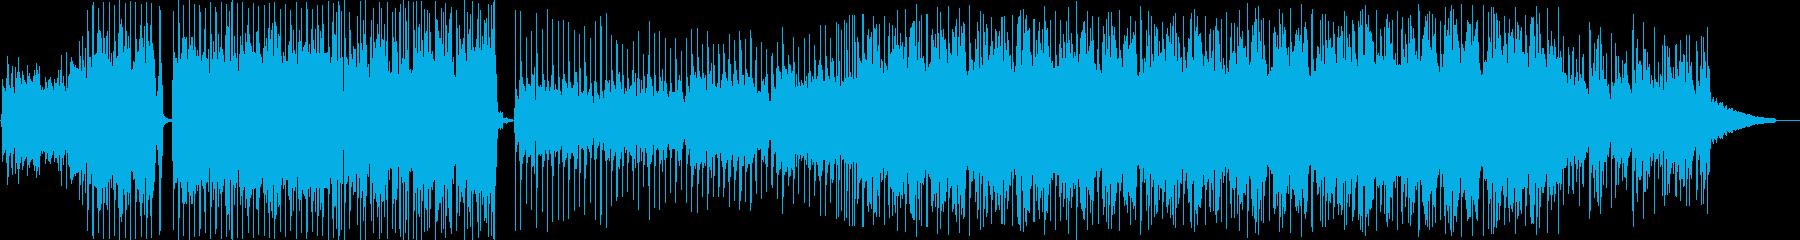 ポップ センチメンタル 感情的 フ...の再生済みの波形